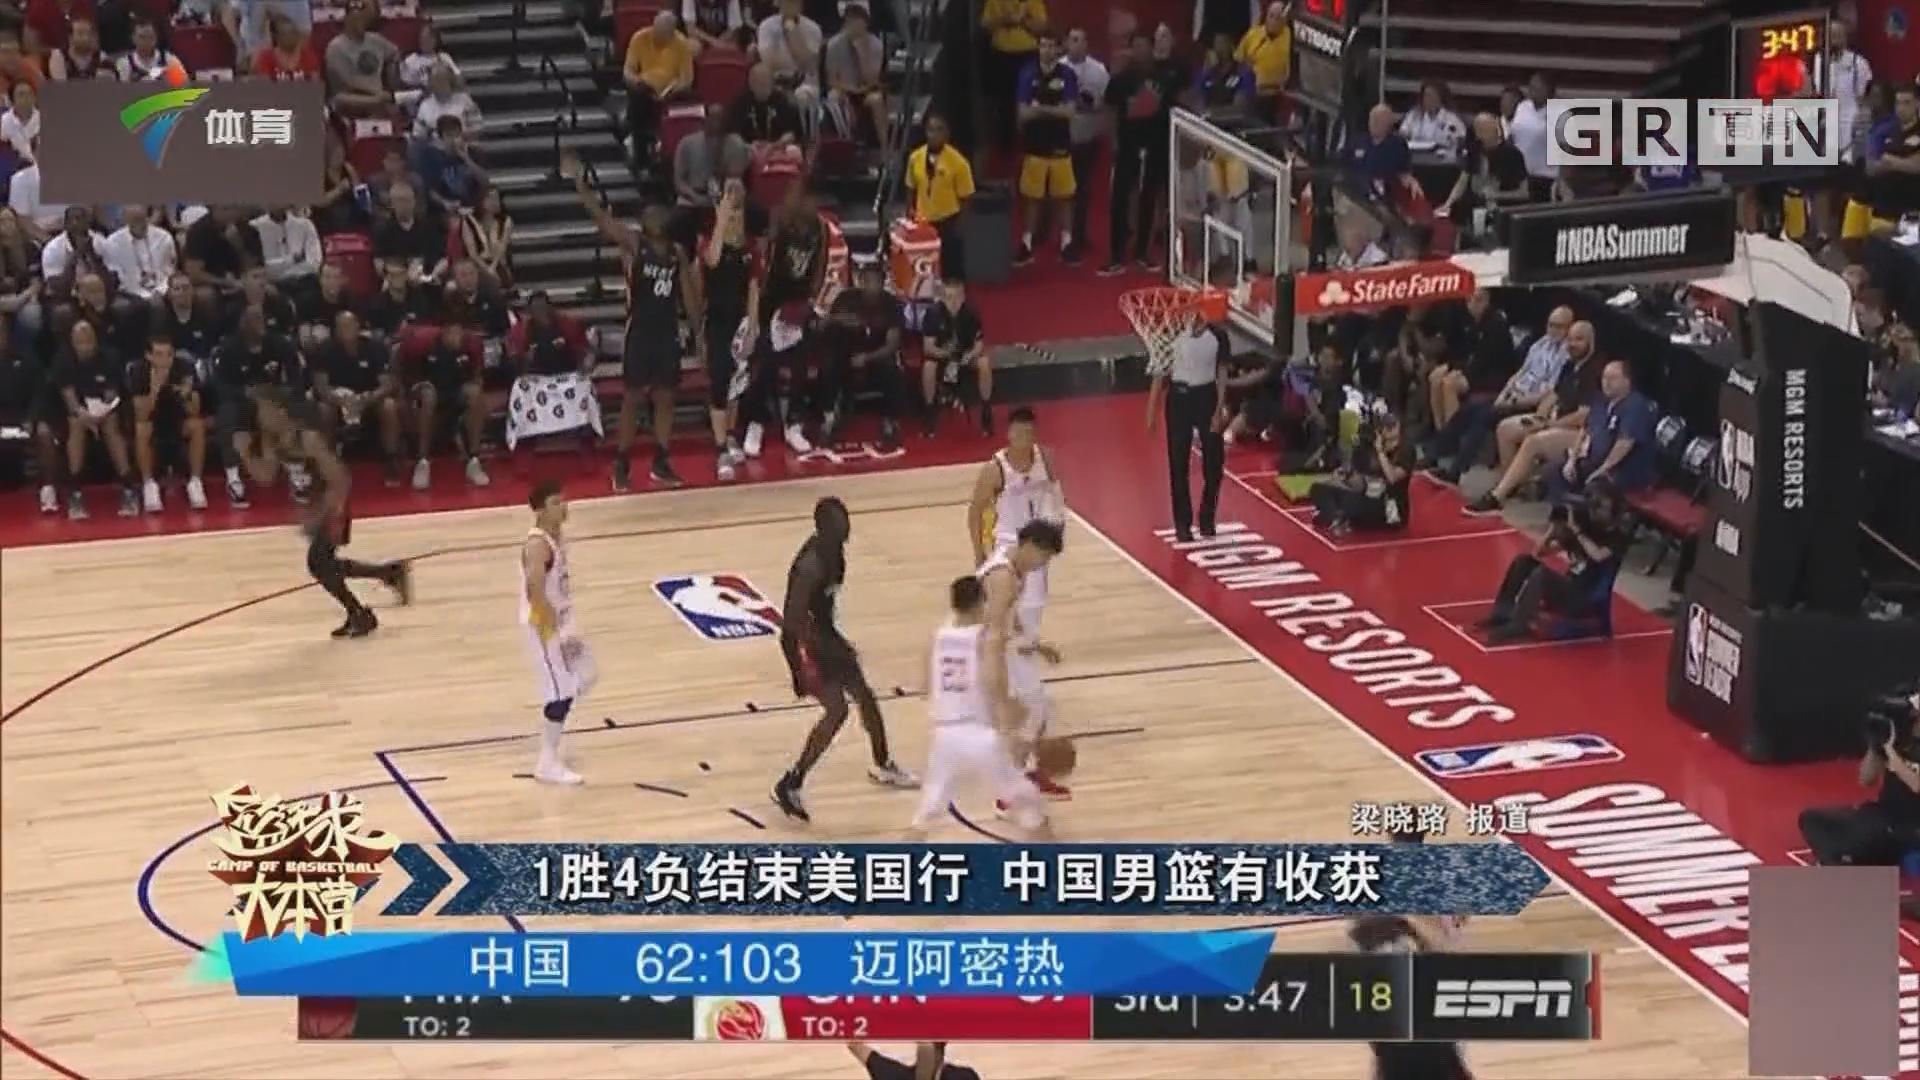 1胜4负结束美国行 中国男篮有收获